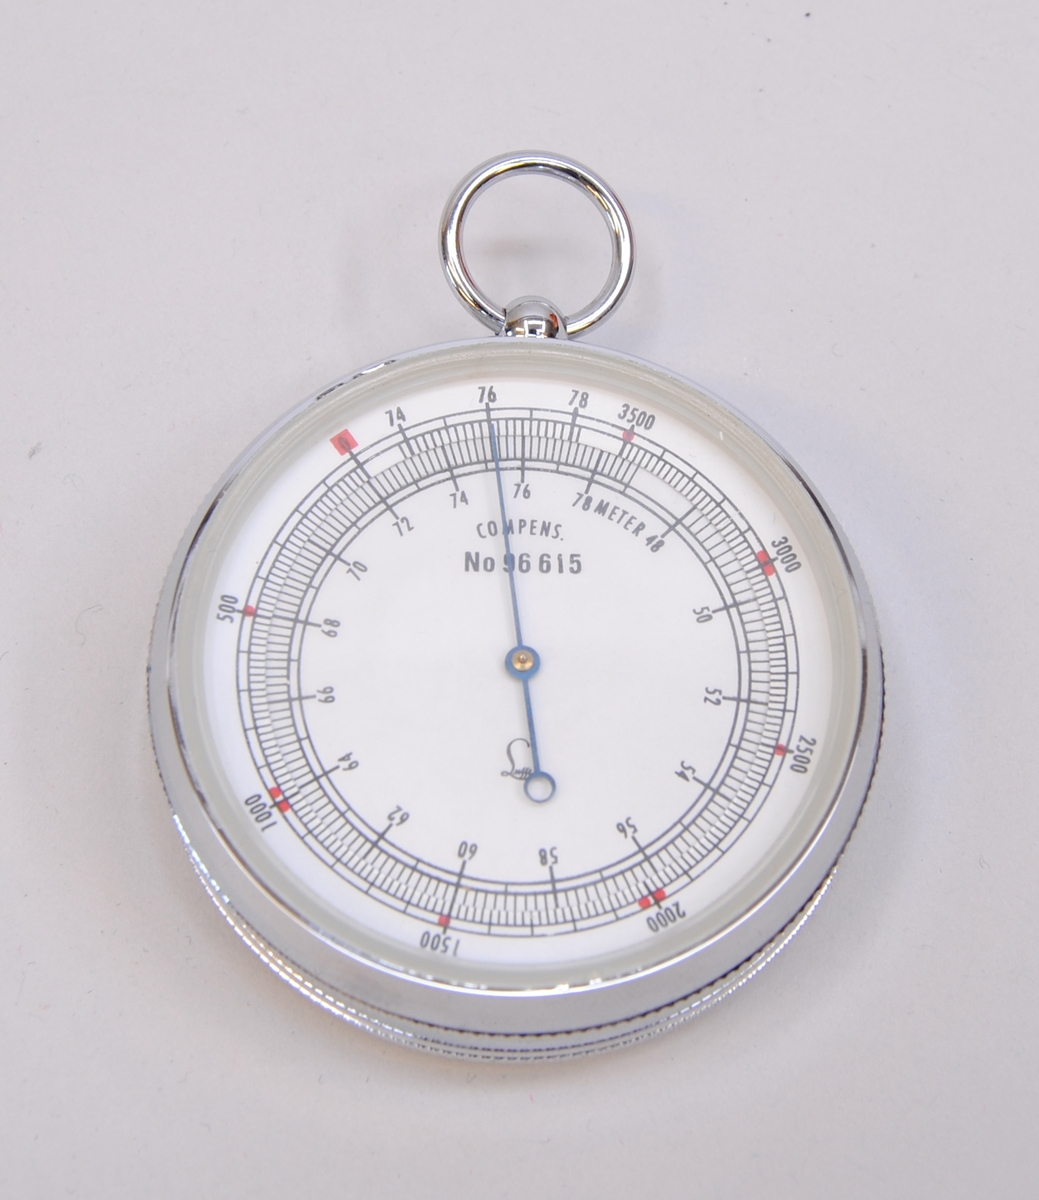 Höjdmätare i svart etui av läder eller konstläder. Etuiet har ett testcertifikat på insidan. Höjdmätaren har en metallring i toppen som sticker ut i en skåra i fodralet när den ligger i fodralet. Höjdmätaren har en plats i fodralet, Jvm23131-2 bredvid en termometer, Jvm23131-3.